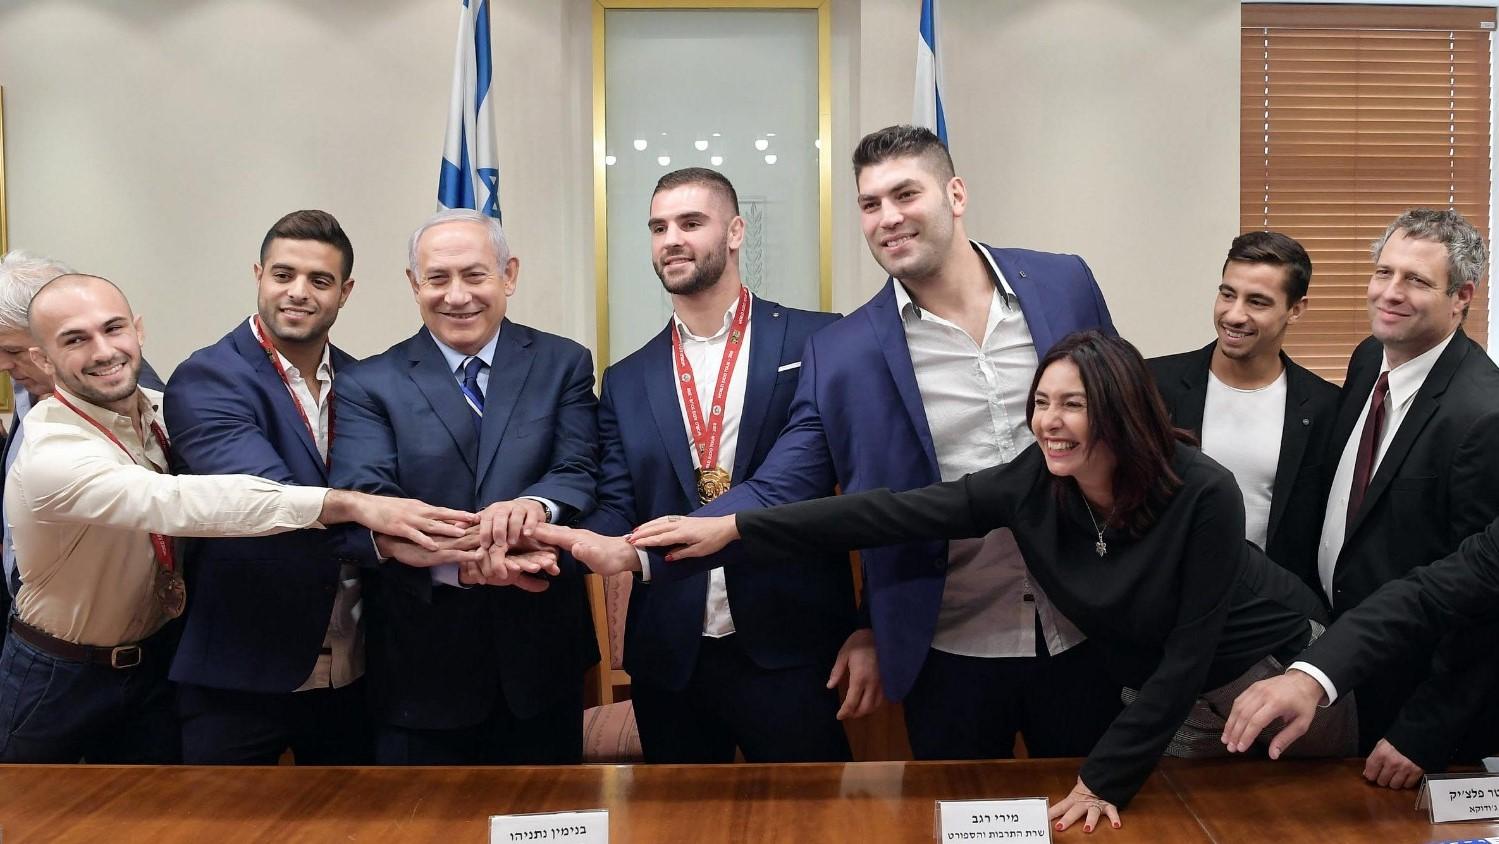 """נתניהו נפגש עם זוכי מדליות הזהב בטורניר ה""""גראנד סלאם"""": """"ישראל היא מעצמת ג'ודו"""""""